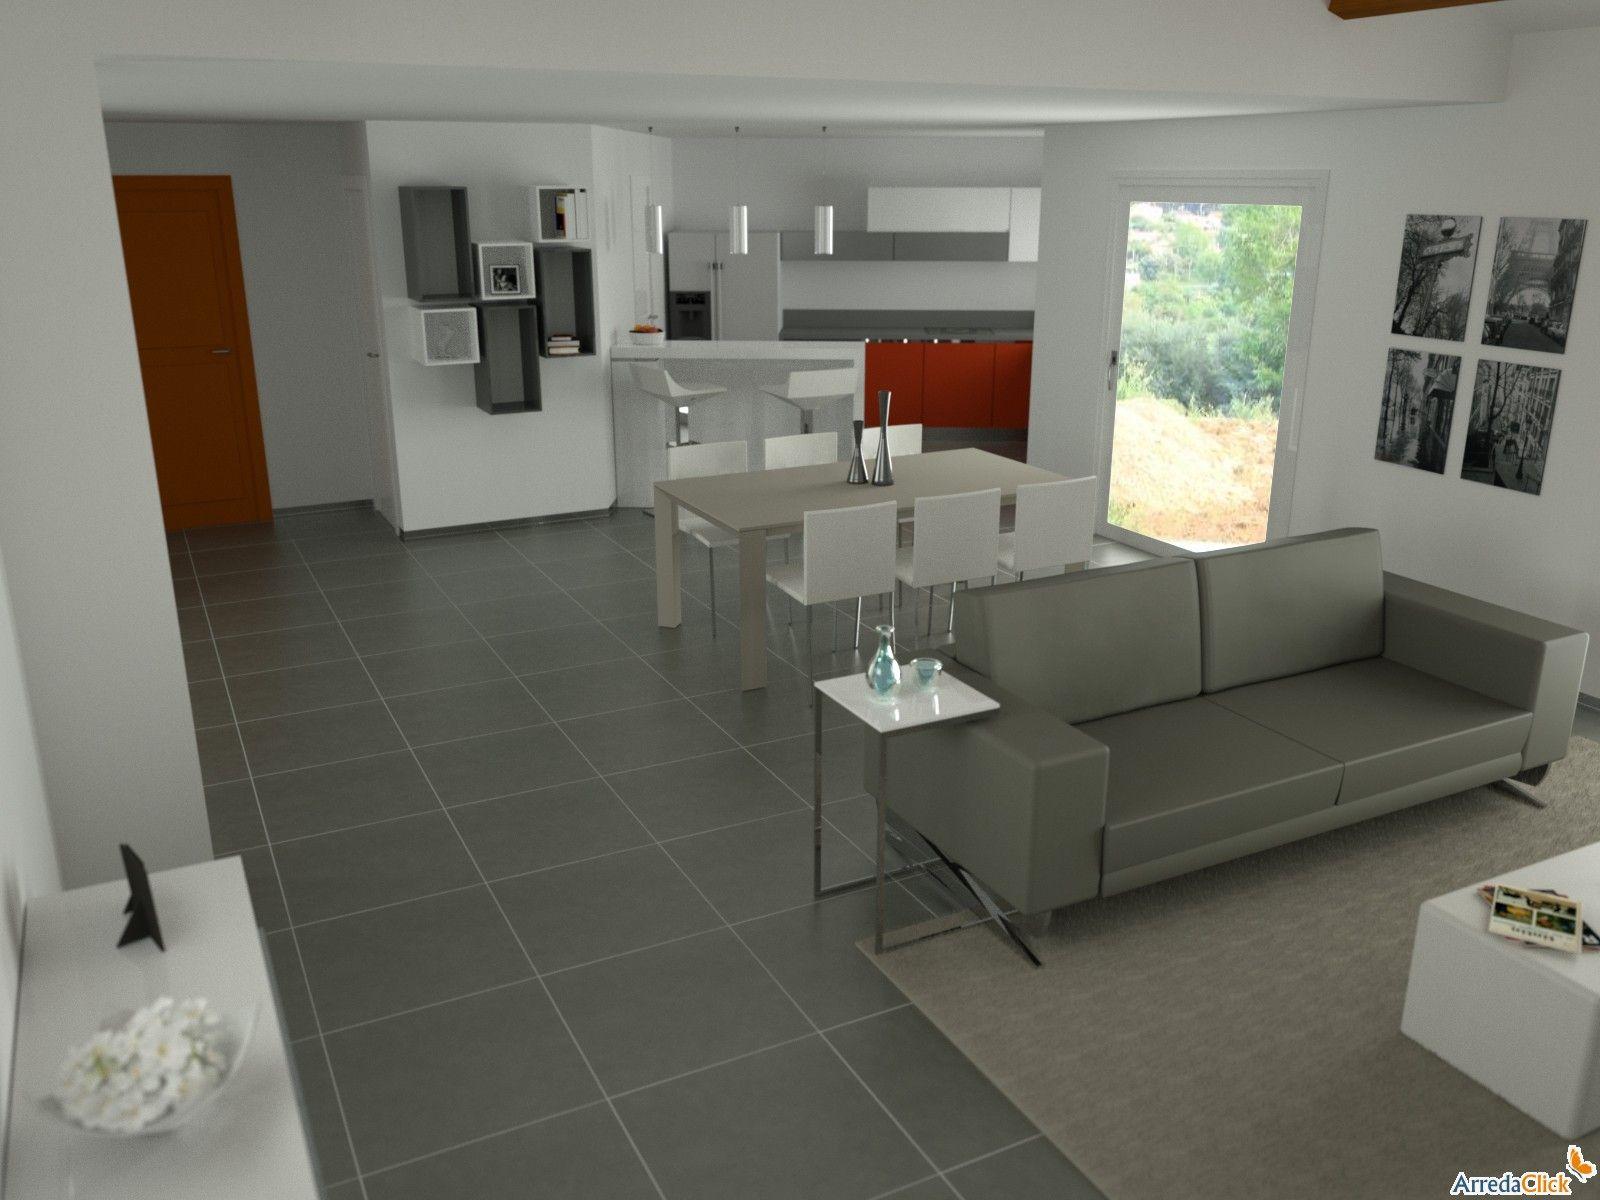 Idee arredamento ~ Arredare open space mq cerca con google idee per la casa